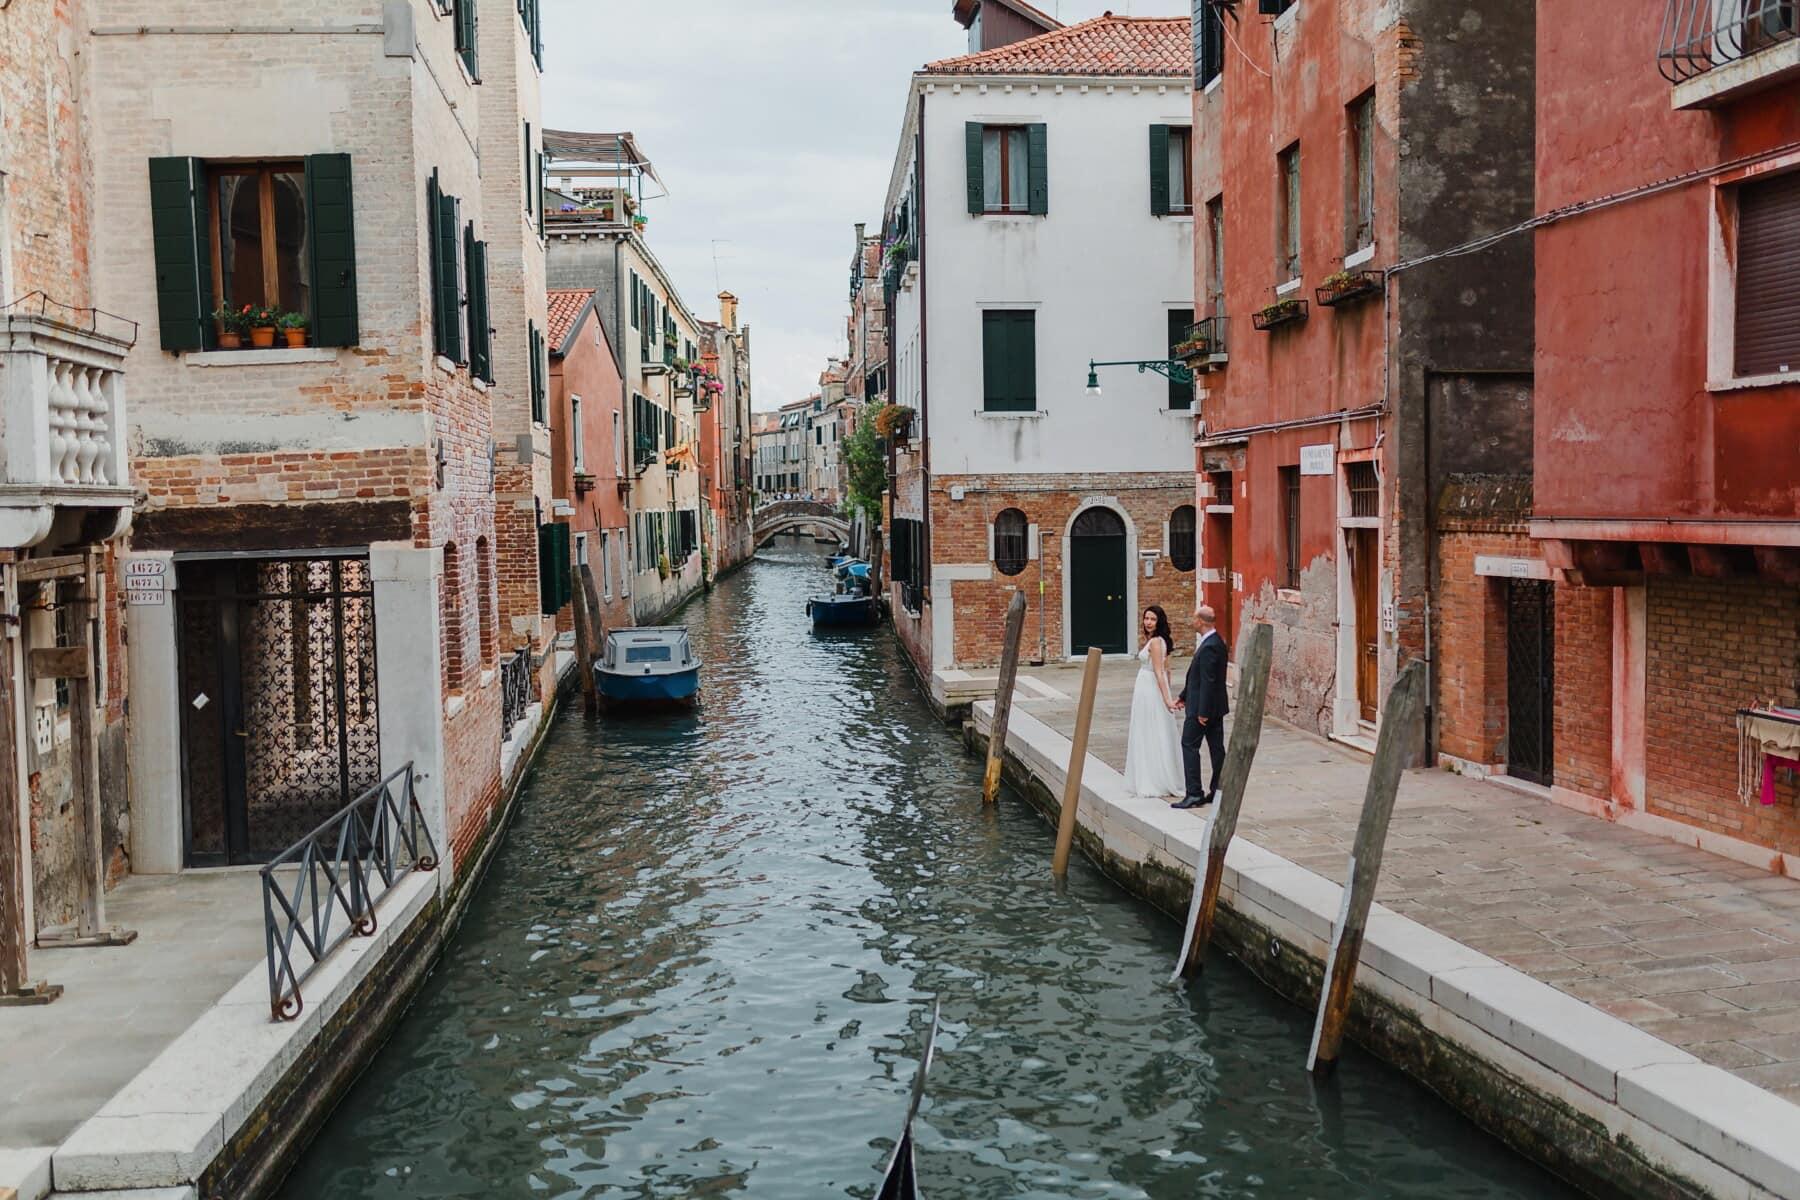 Liebesbeziehung, Gondel, Italien, romantische, touristische Attraktion, Straße, Architektur, Stadt, Kanal, Wasser